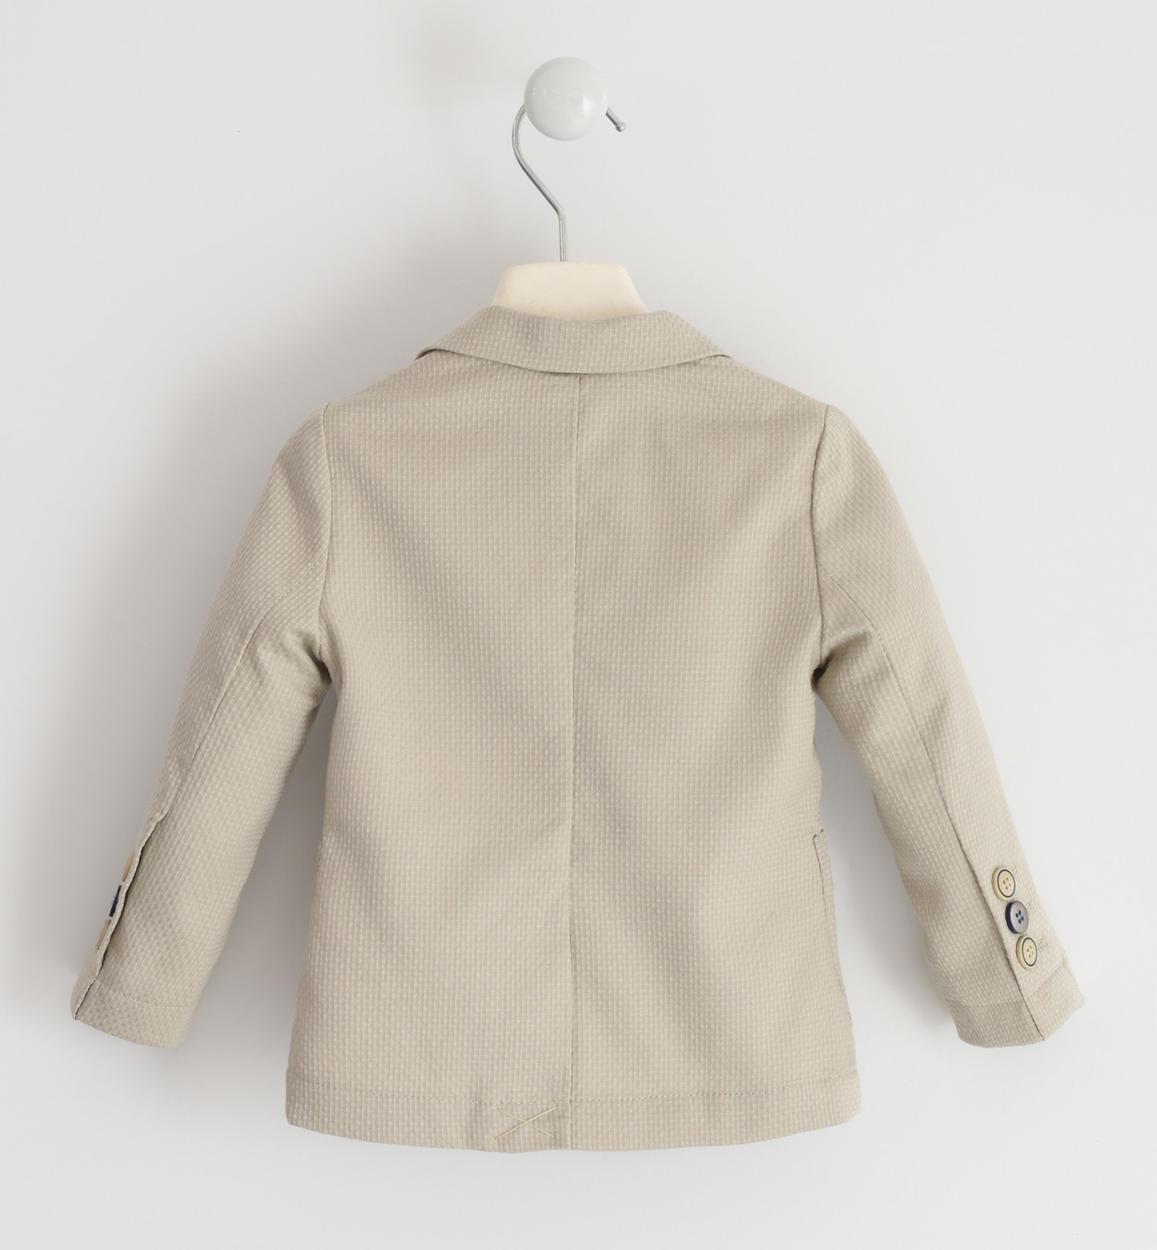 graziosa giacca micro fantasia per bambi beige retro 02 1240j16400 0435 150x150